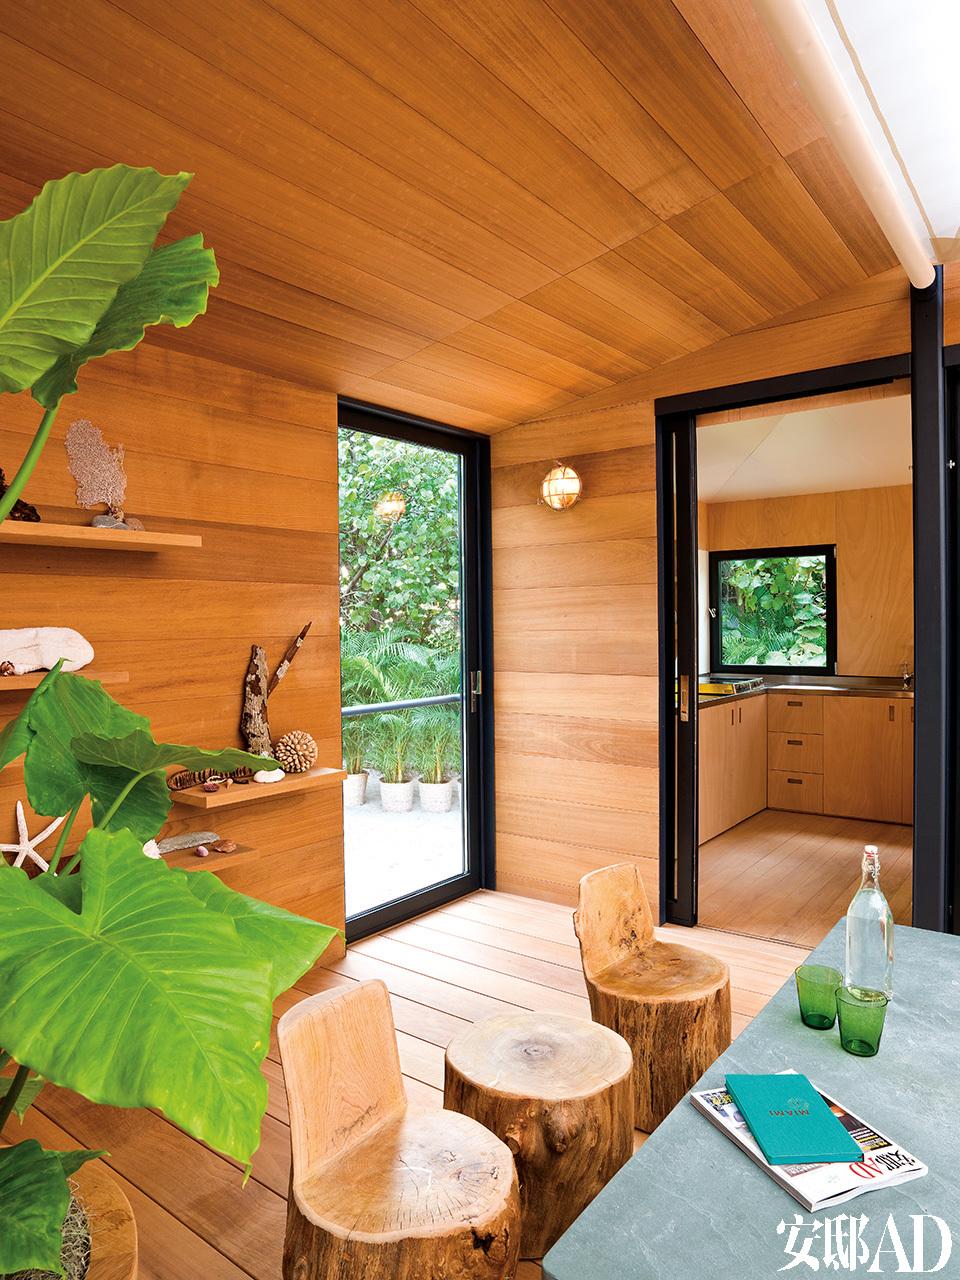 """一系列由原木树干直接打磨而成的座椅安静地躺在特大板绿柄桑地板上,房间内充满了设计师夏洛特·贝里安巴西之行的影子。在大隈(Okuma)墙壁上,排列着一系列木质架子,架子上收藏着设计师从大自然中寻得的""""宝物""""——她是那么喜欢将这些散步中发现的小玩意儿带回家来。"""